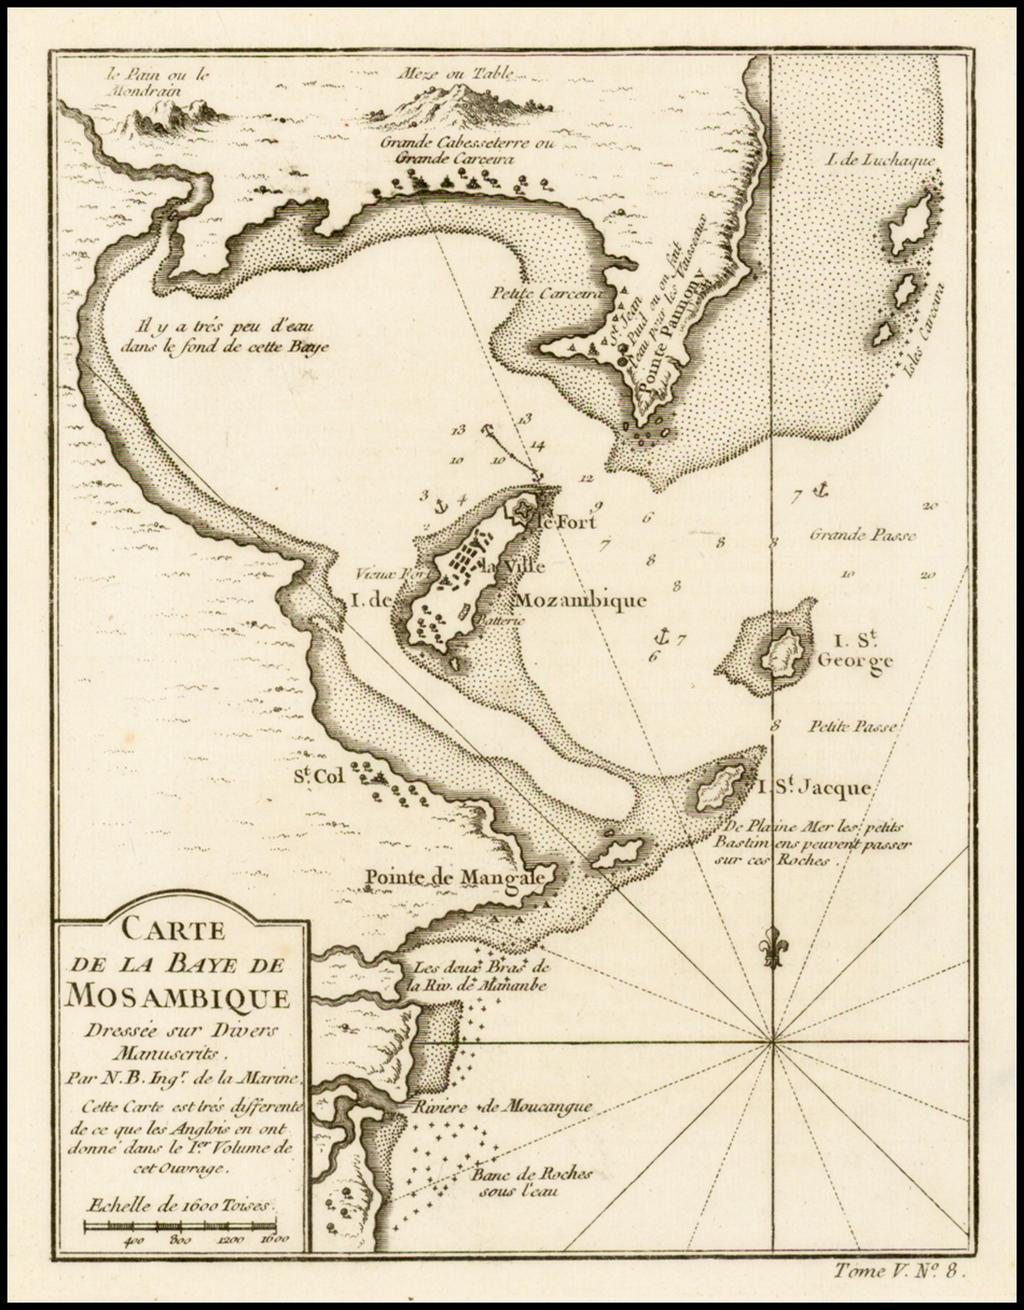 Carte De La Baye De Mosambique . . .  By Jacques Nicolas Bellin